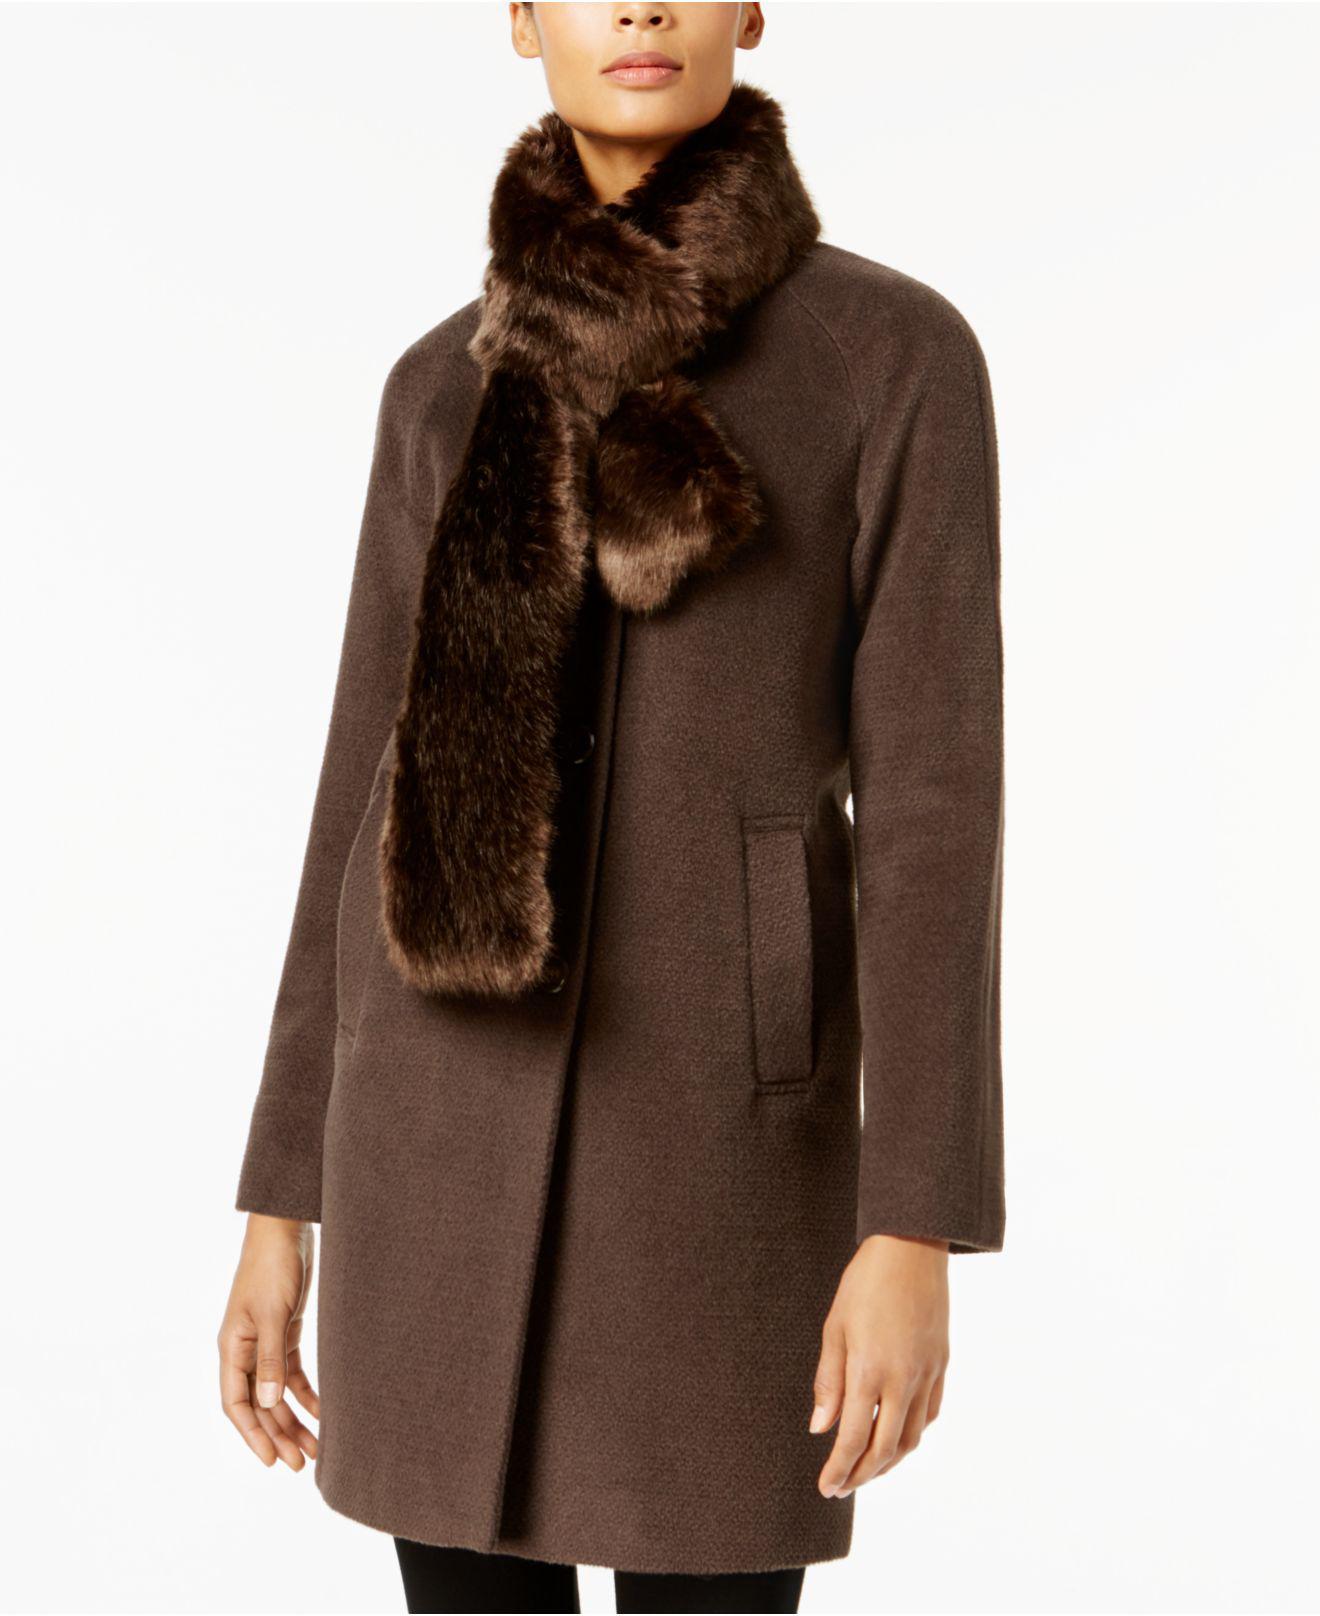 New York Camel Faux Fur Coat by Lumi London